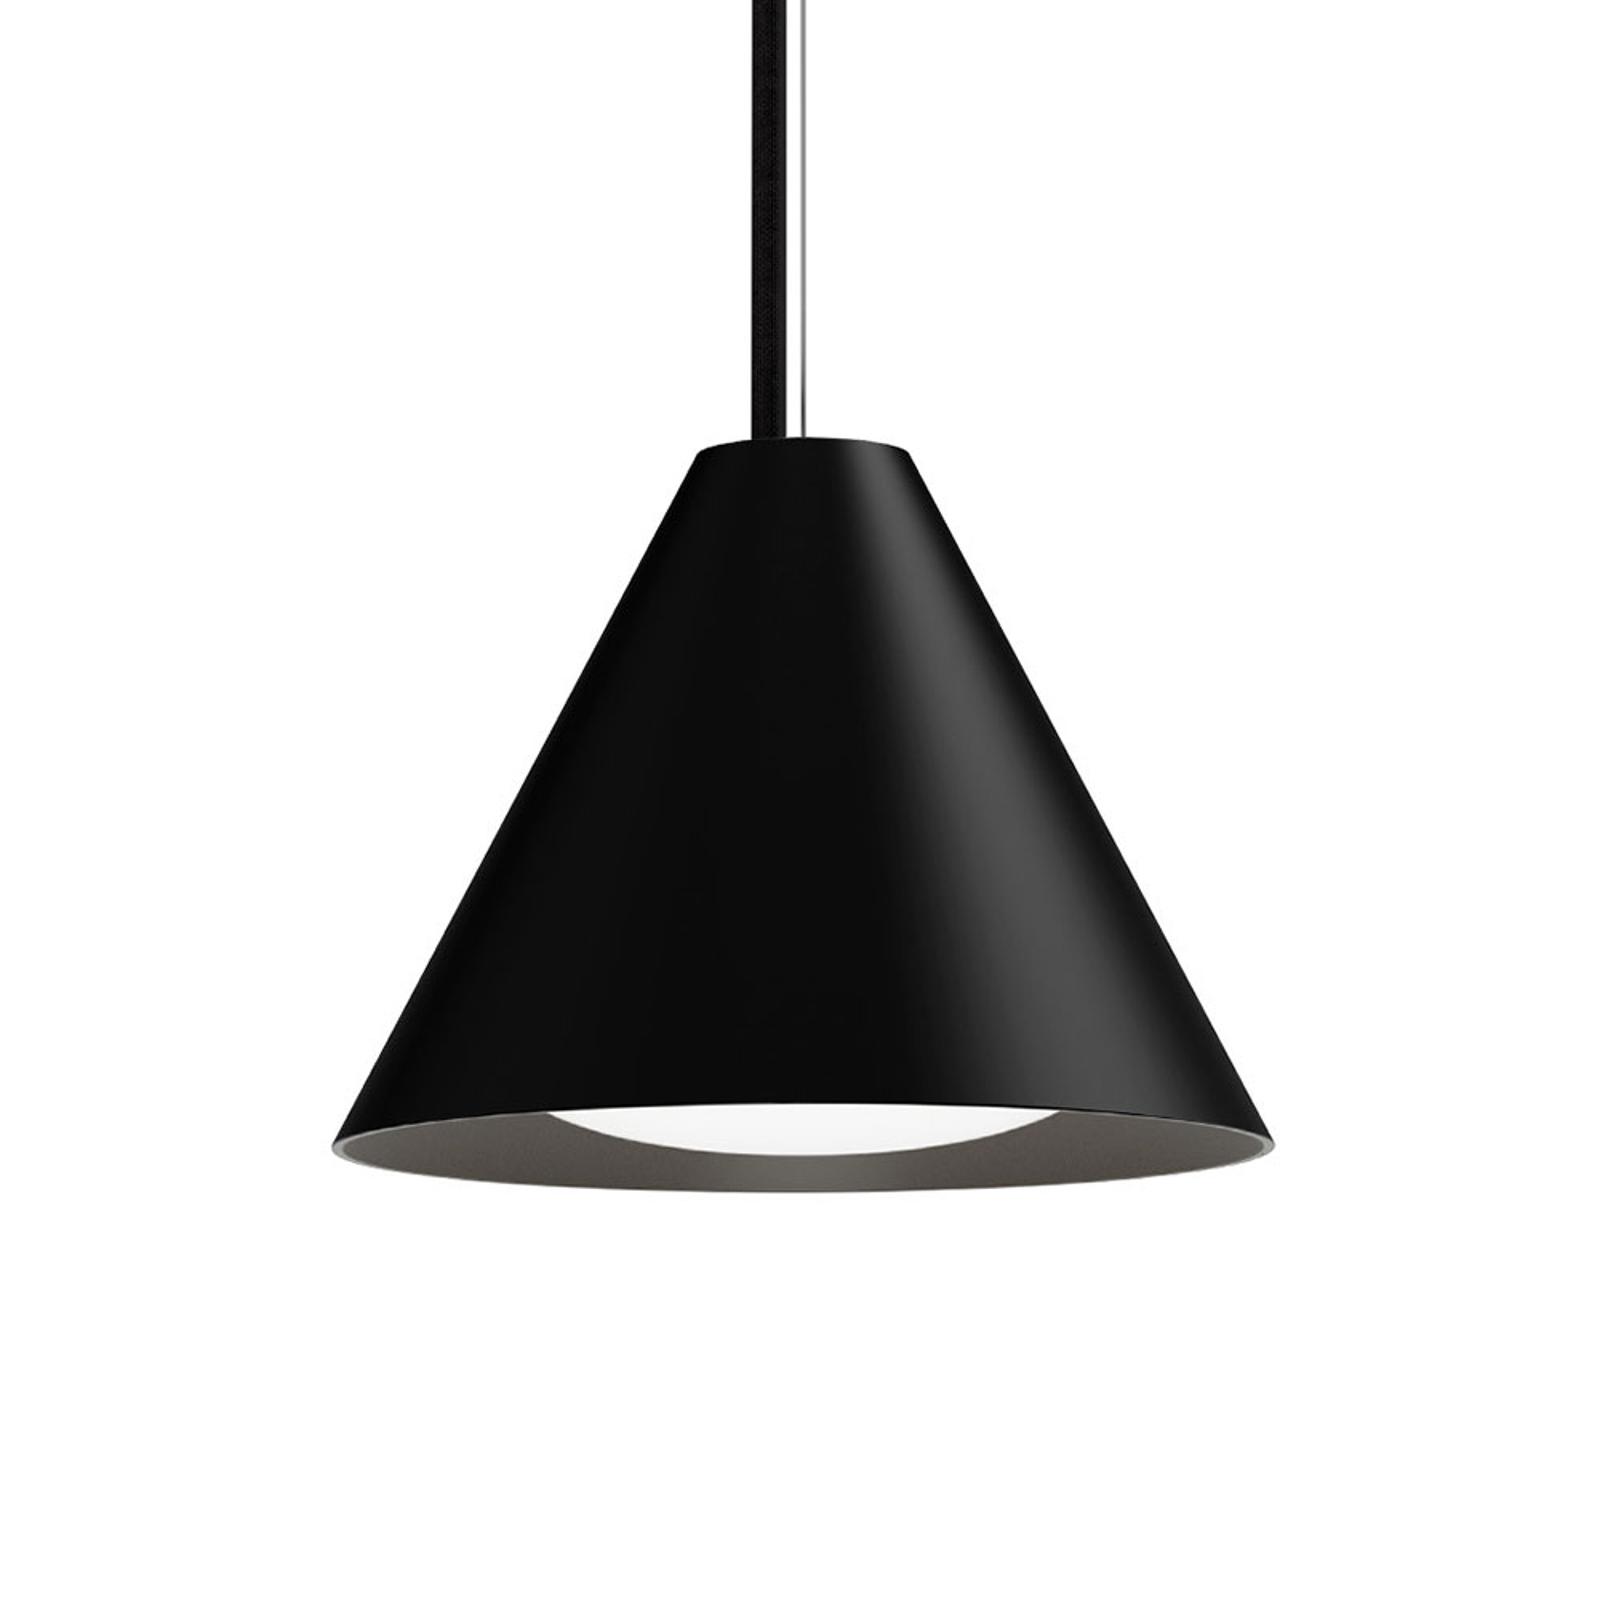 Louis Poulsen Keglen LED hanglamp 17,5cm zwart